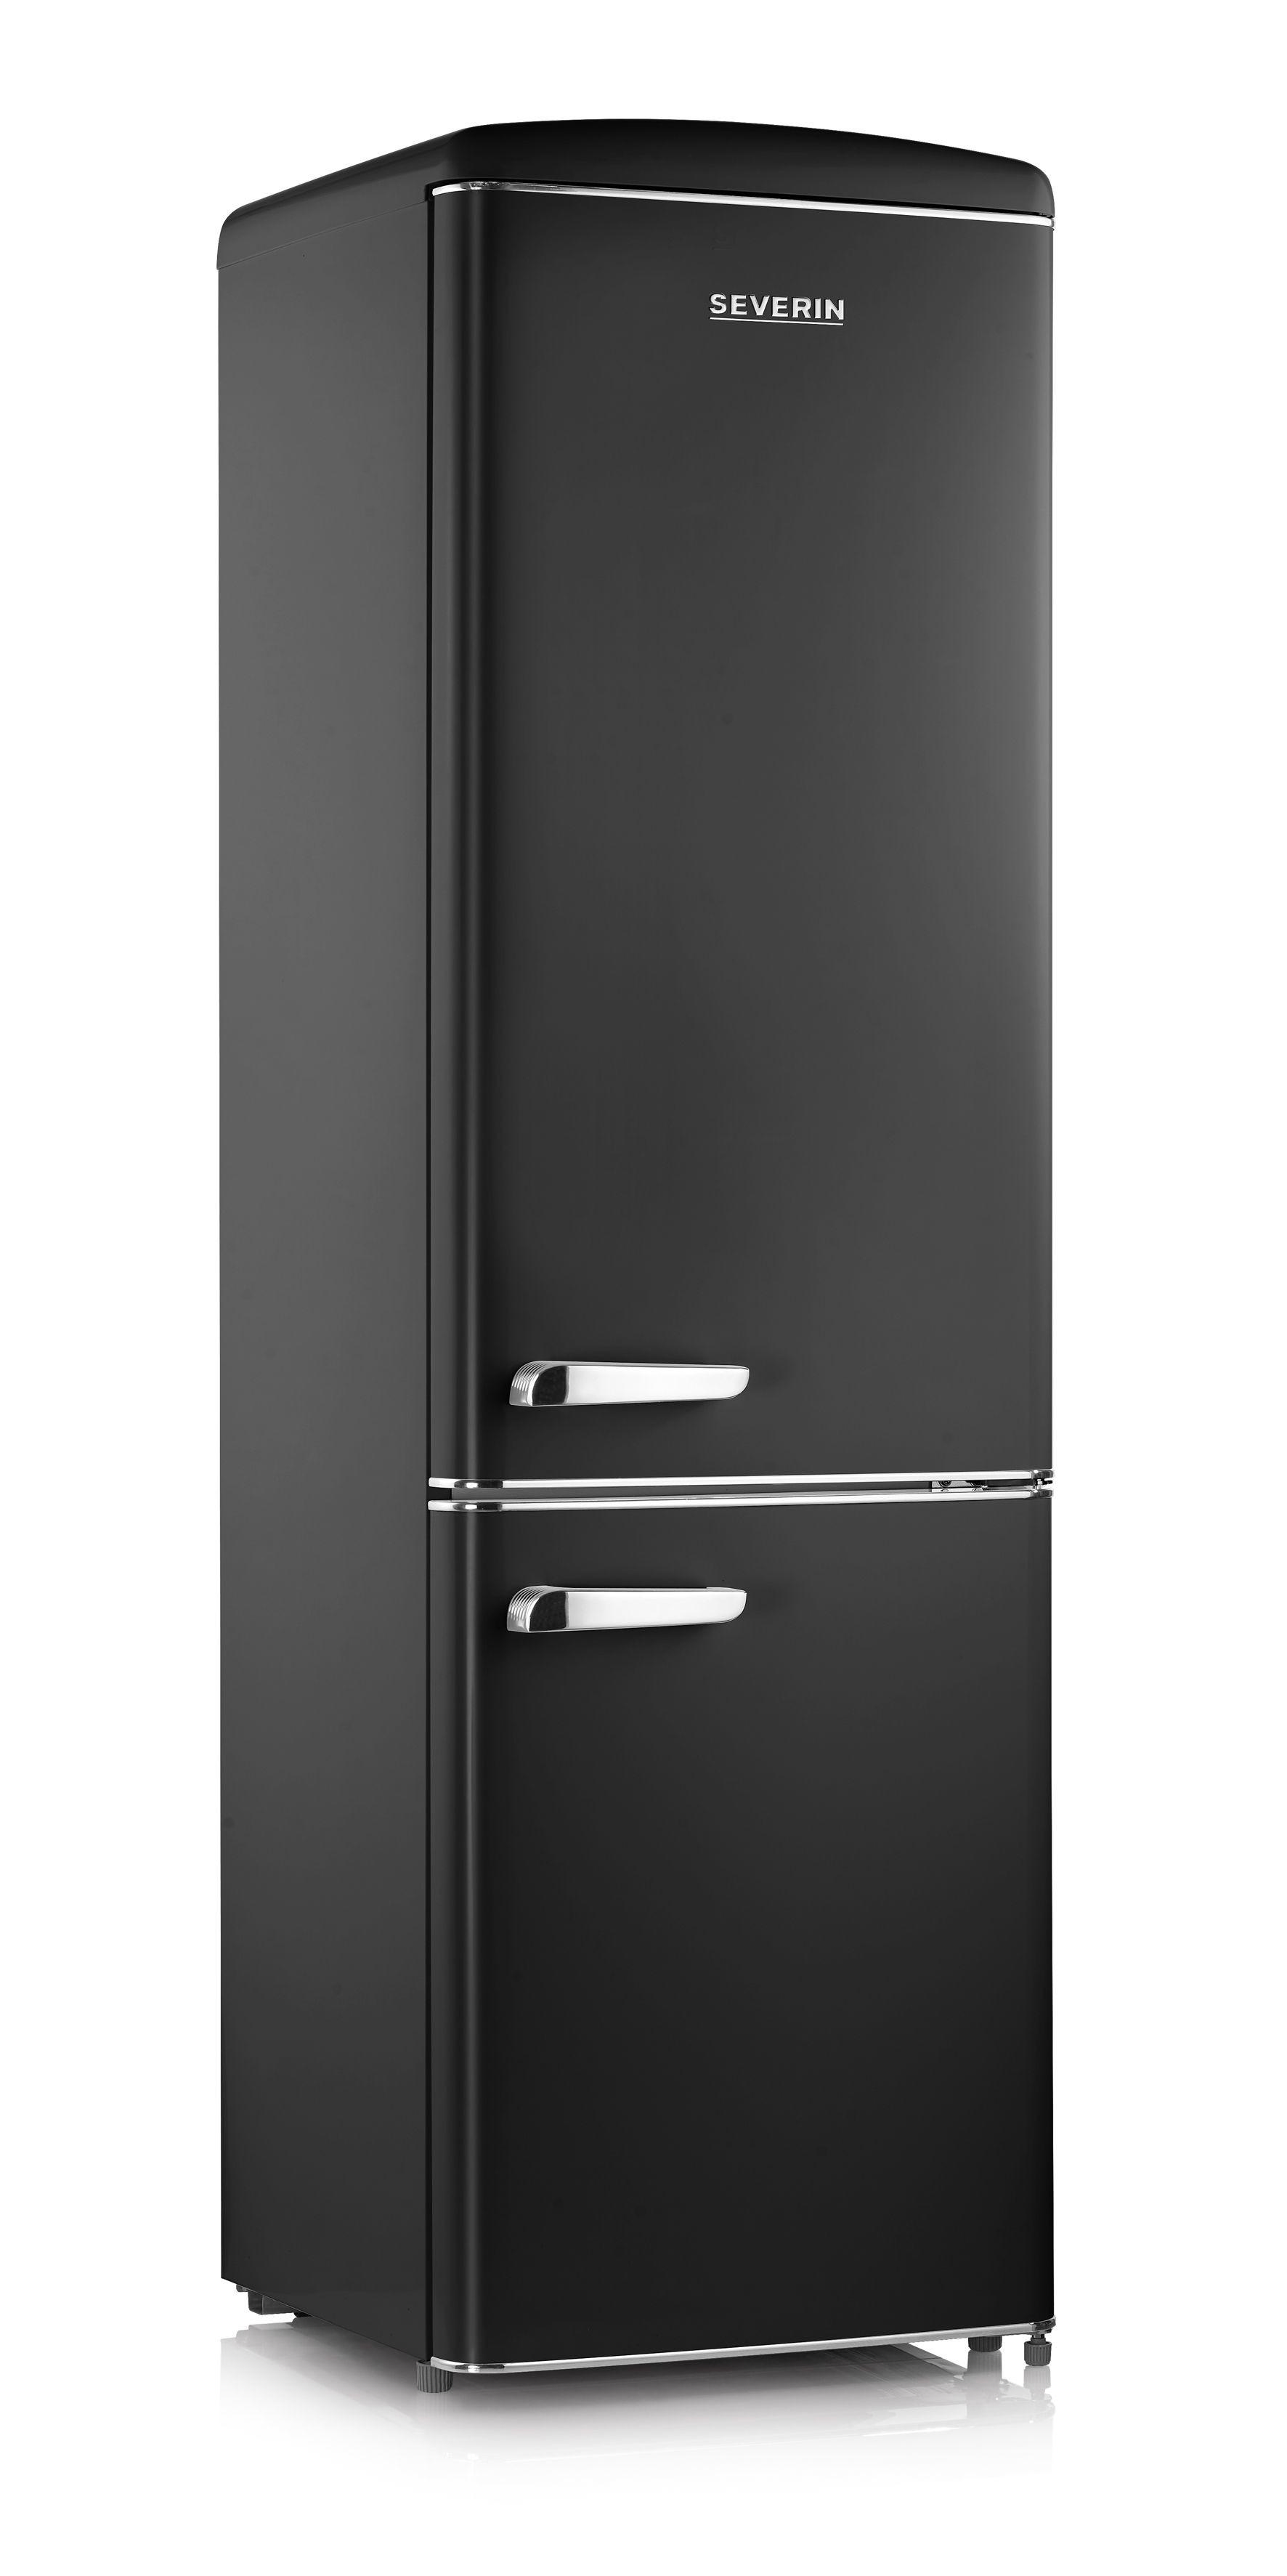 Severin RKG8922 koelkast met vriesvak - Prijsvergelijk